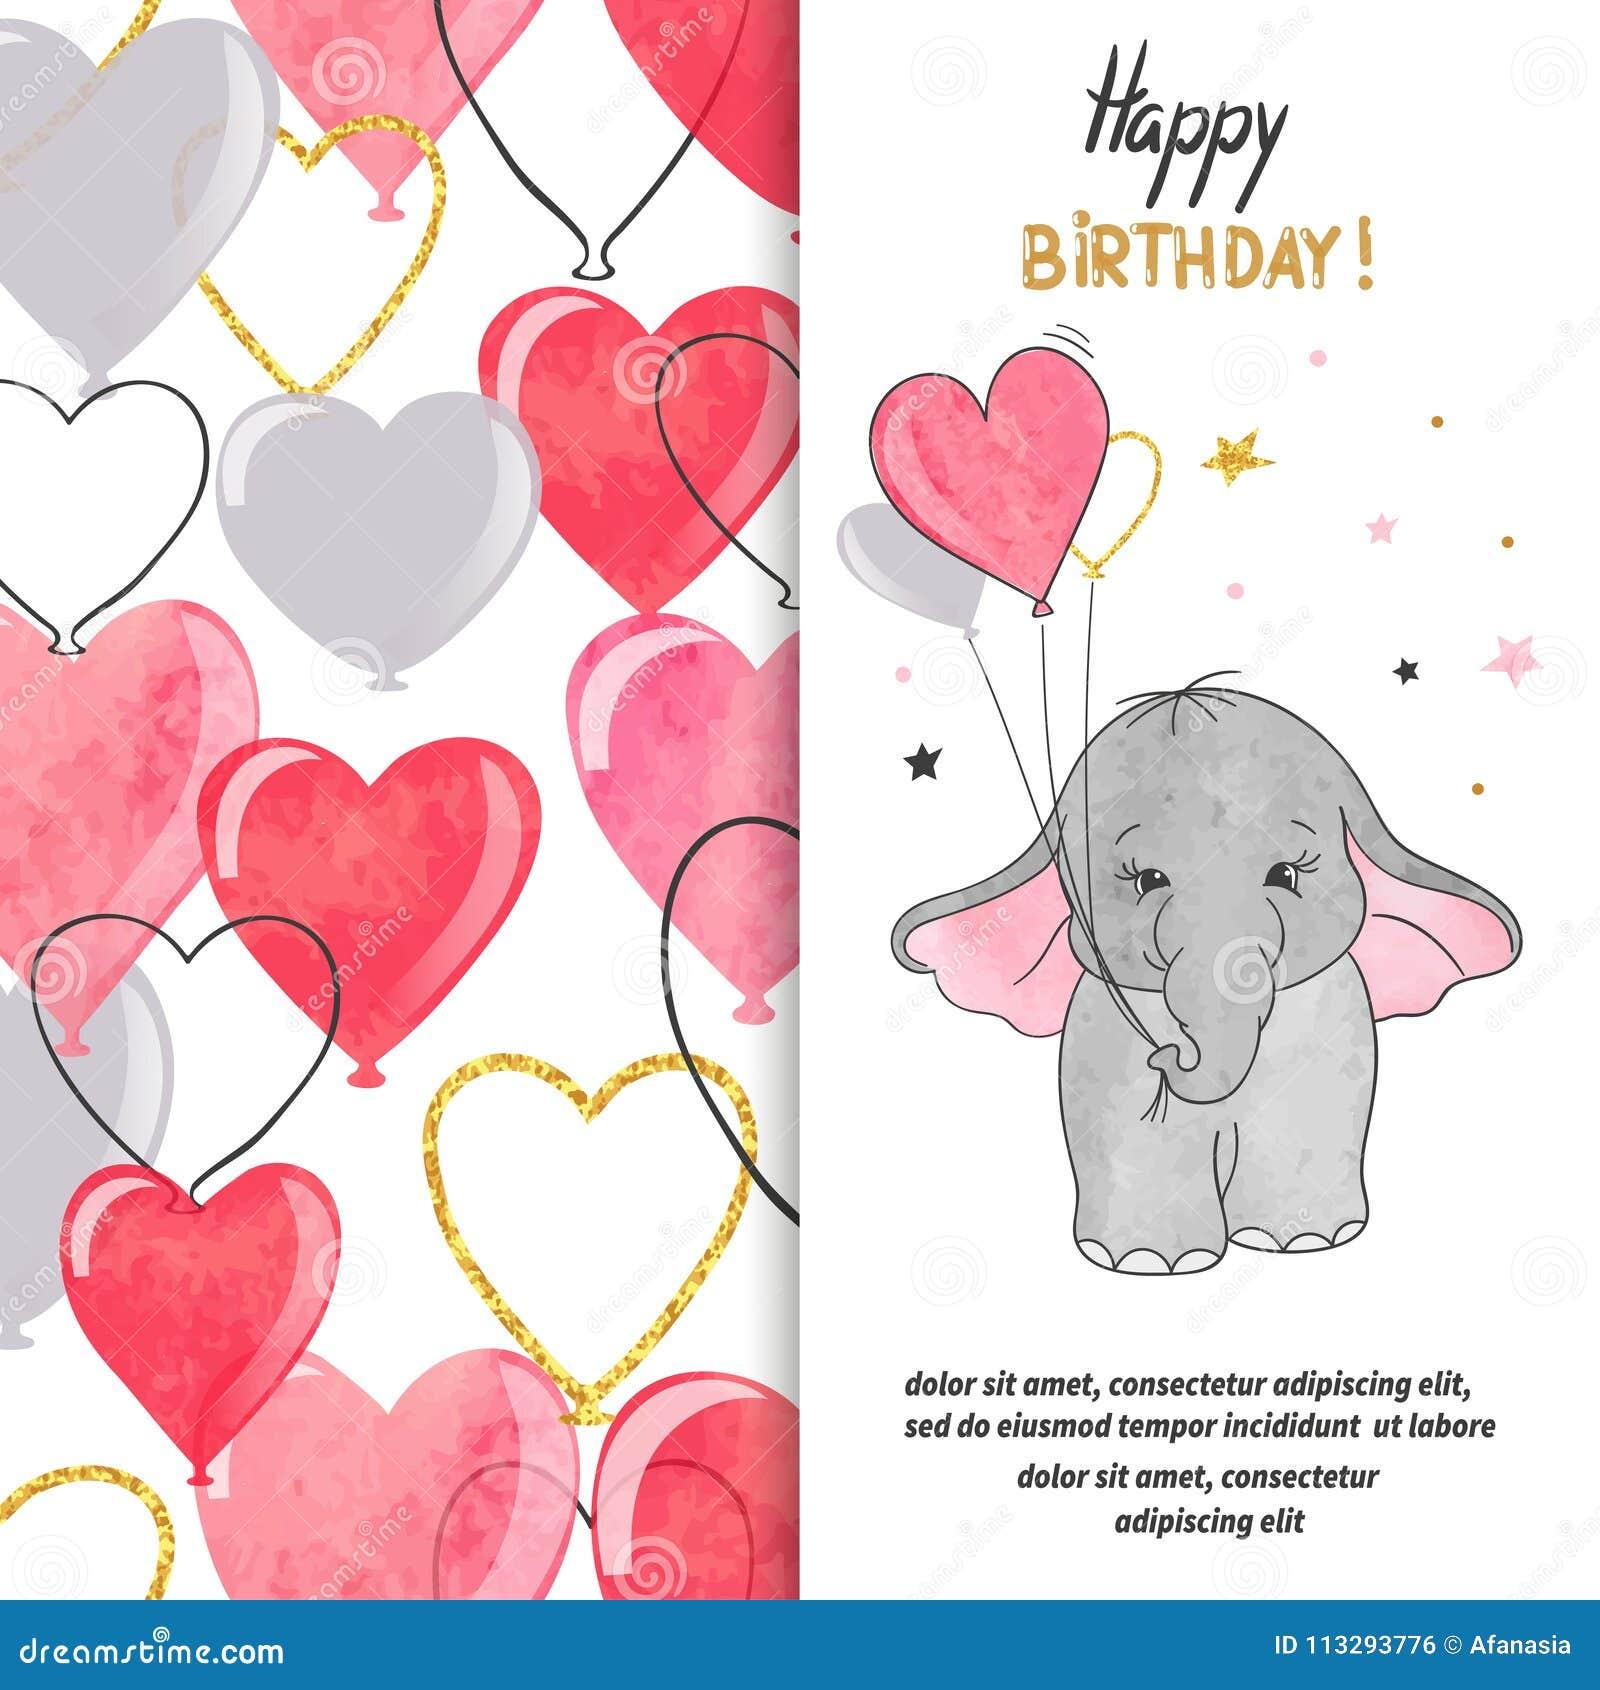 La Progettazione Della Cartolina D Auguri Di Buon Compleanno Con L